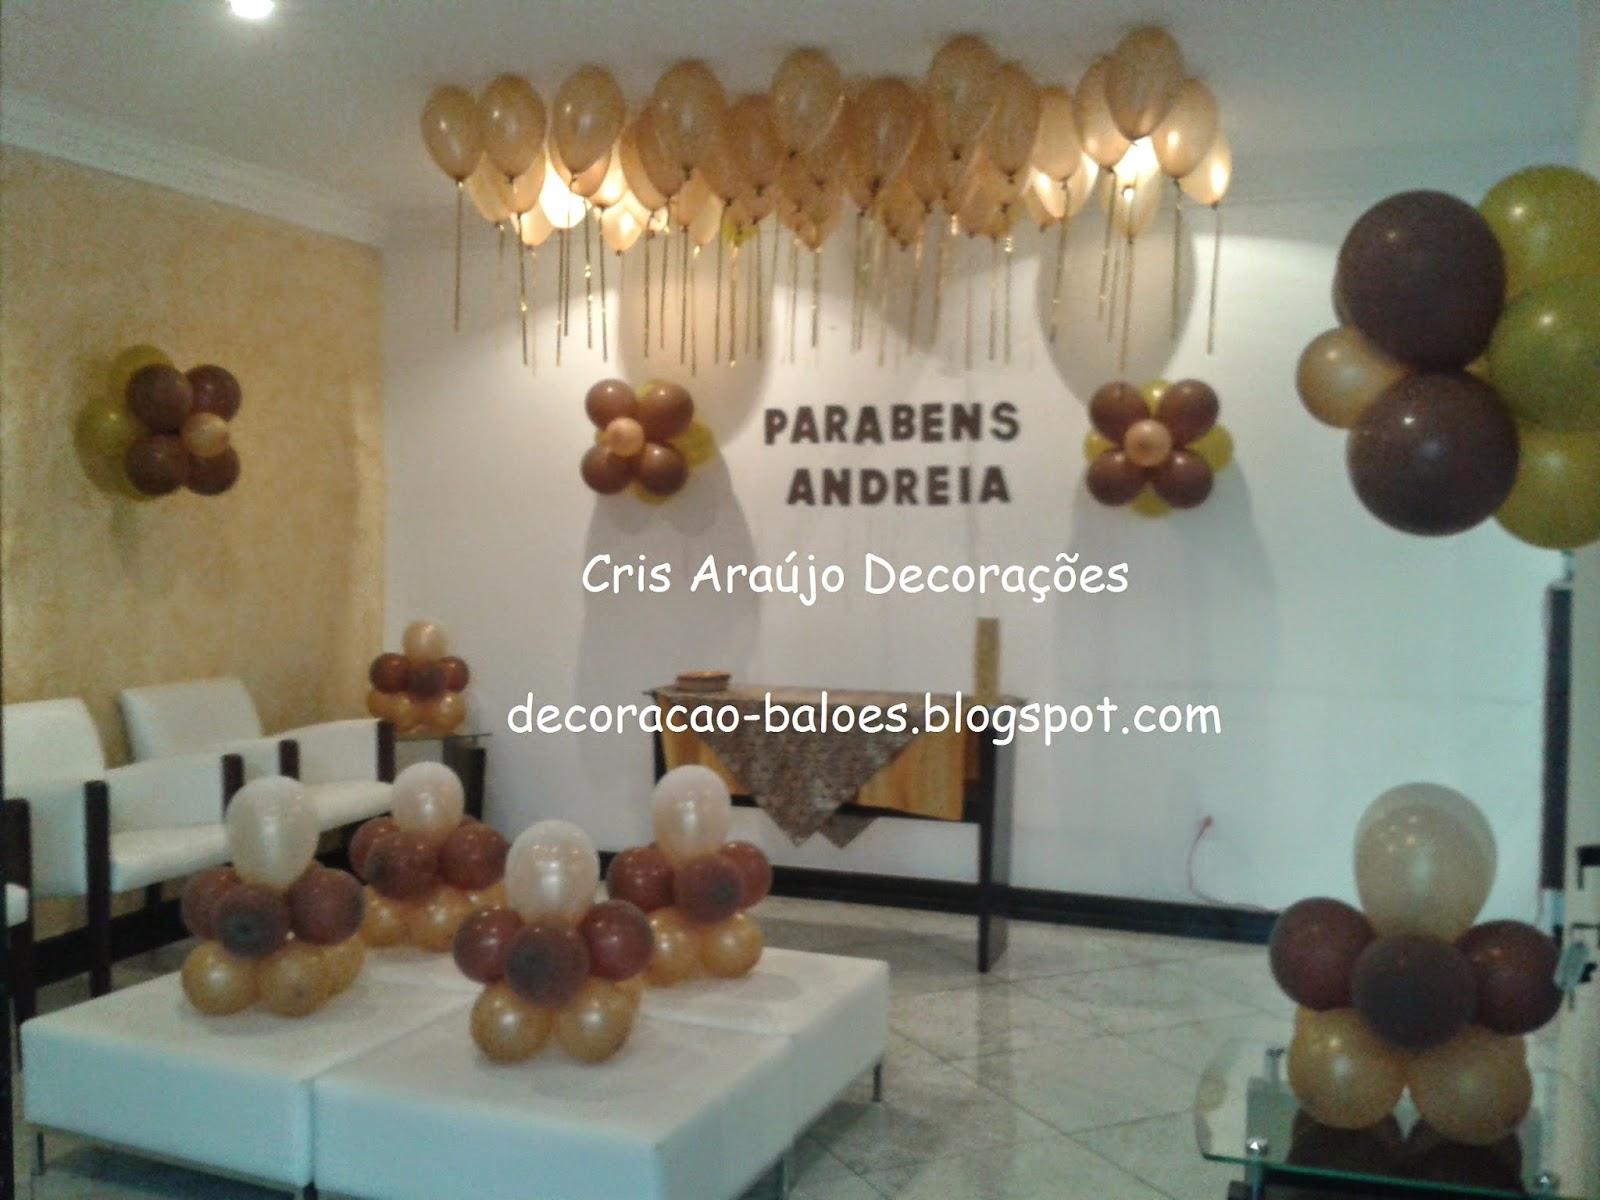 Arte com balões e EVA Decoração com balões marrom e dourado